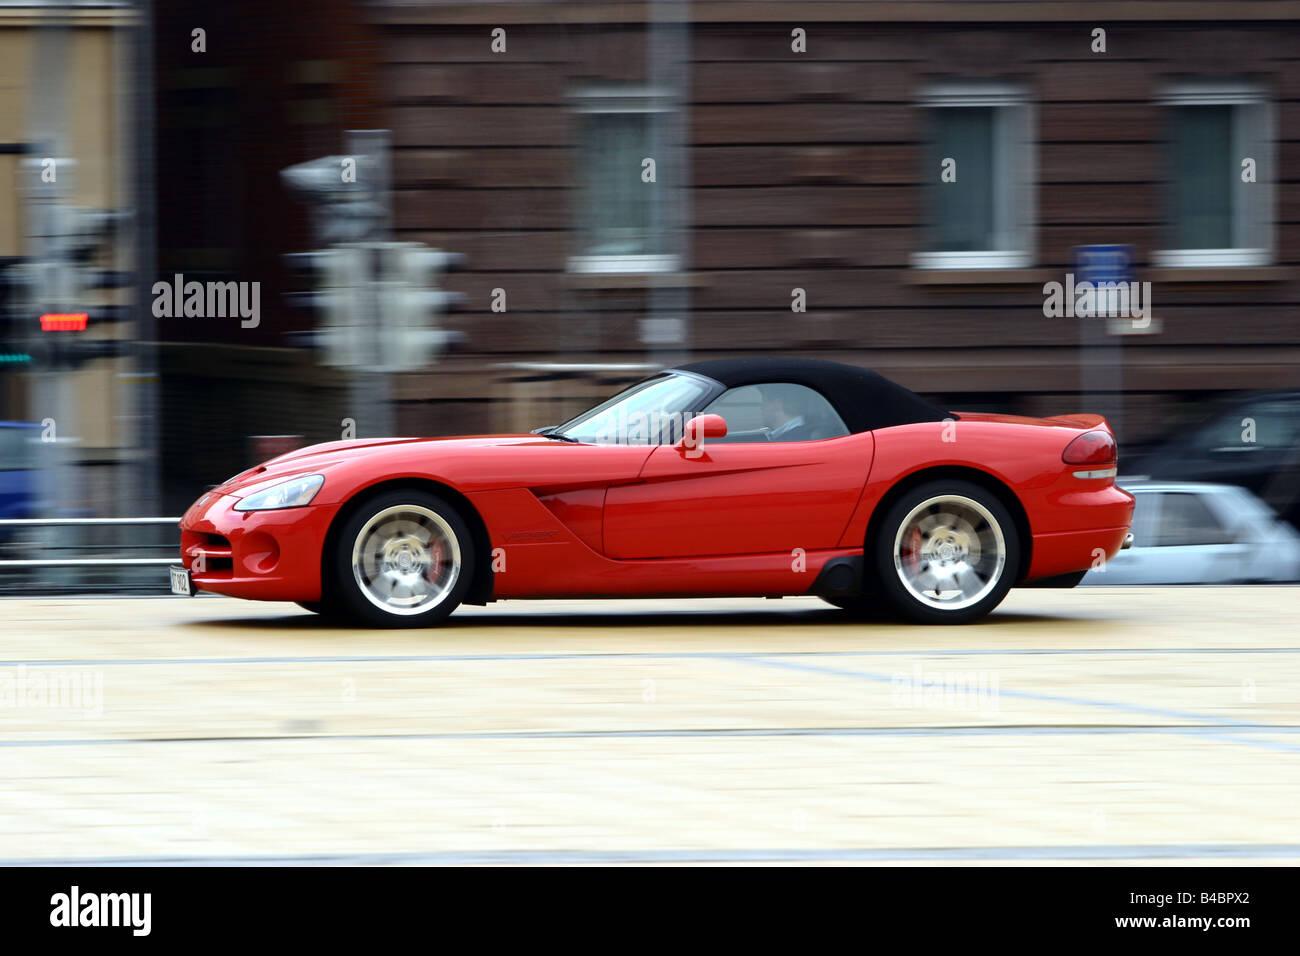 Auto Dodge Viper SRT-10, cabriolet, modello anno 2003-, rosso, FGHDS, parte superiore chiusa, guida, vista laterale, Immagini Stock